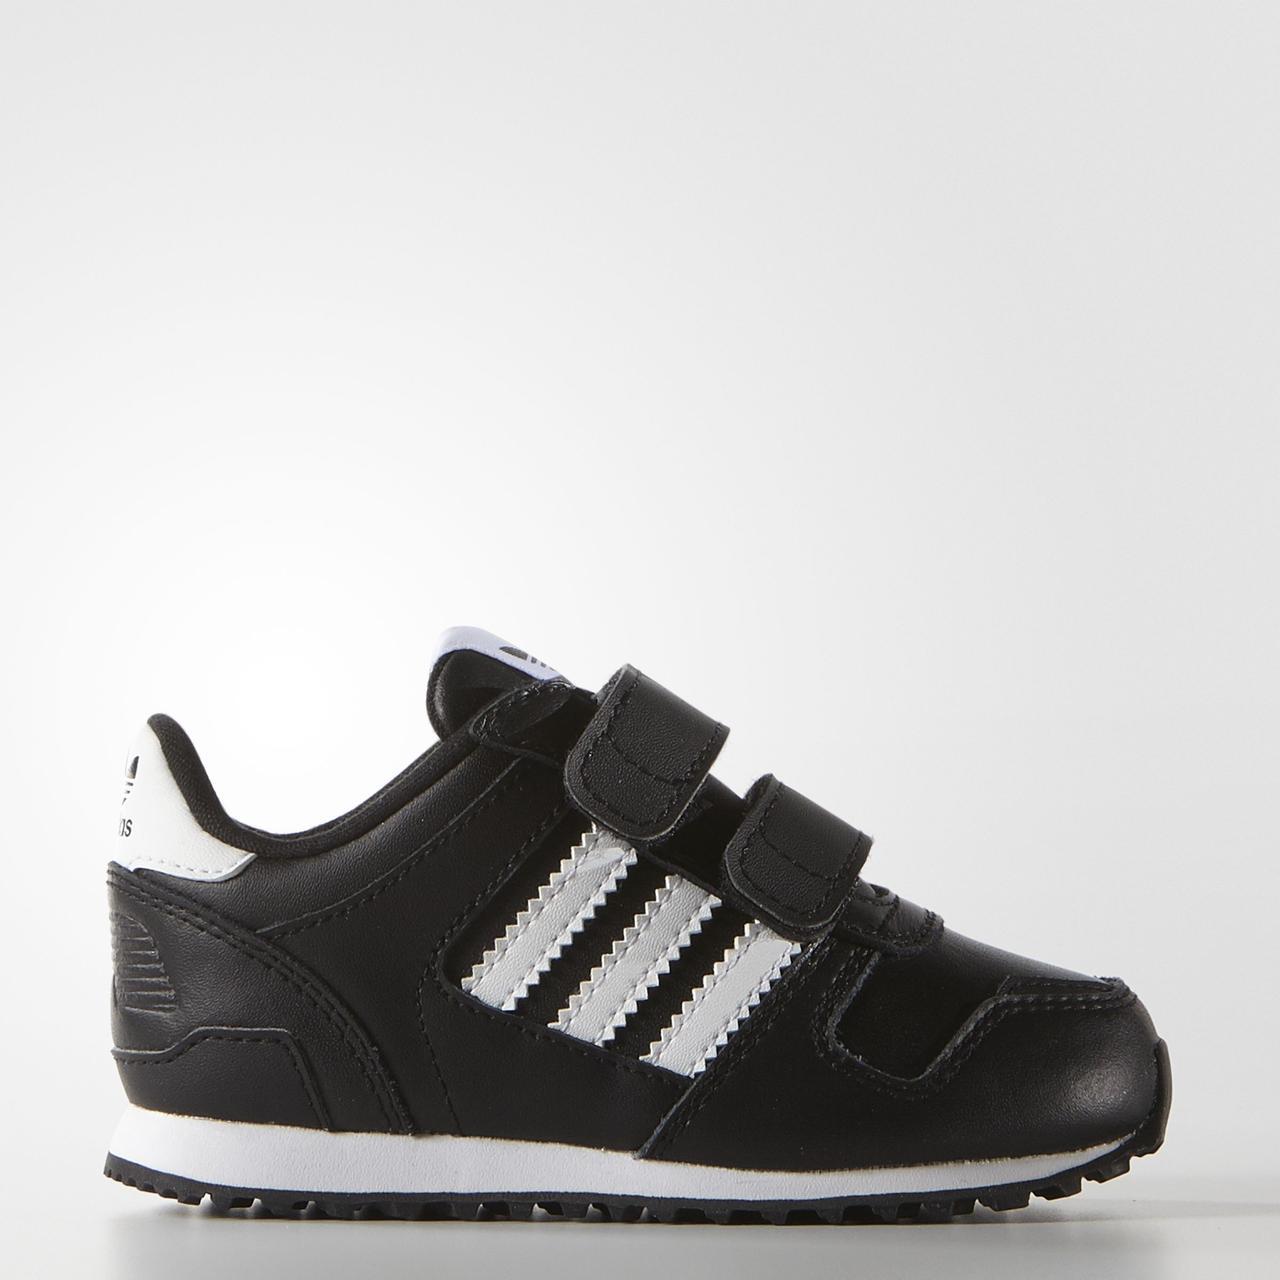 351f219a Детские Кроссовки Adidas ZX700 KIDS Q23980, цена 990 грн., купить в ...